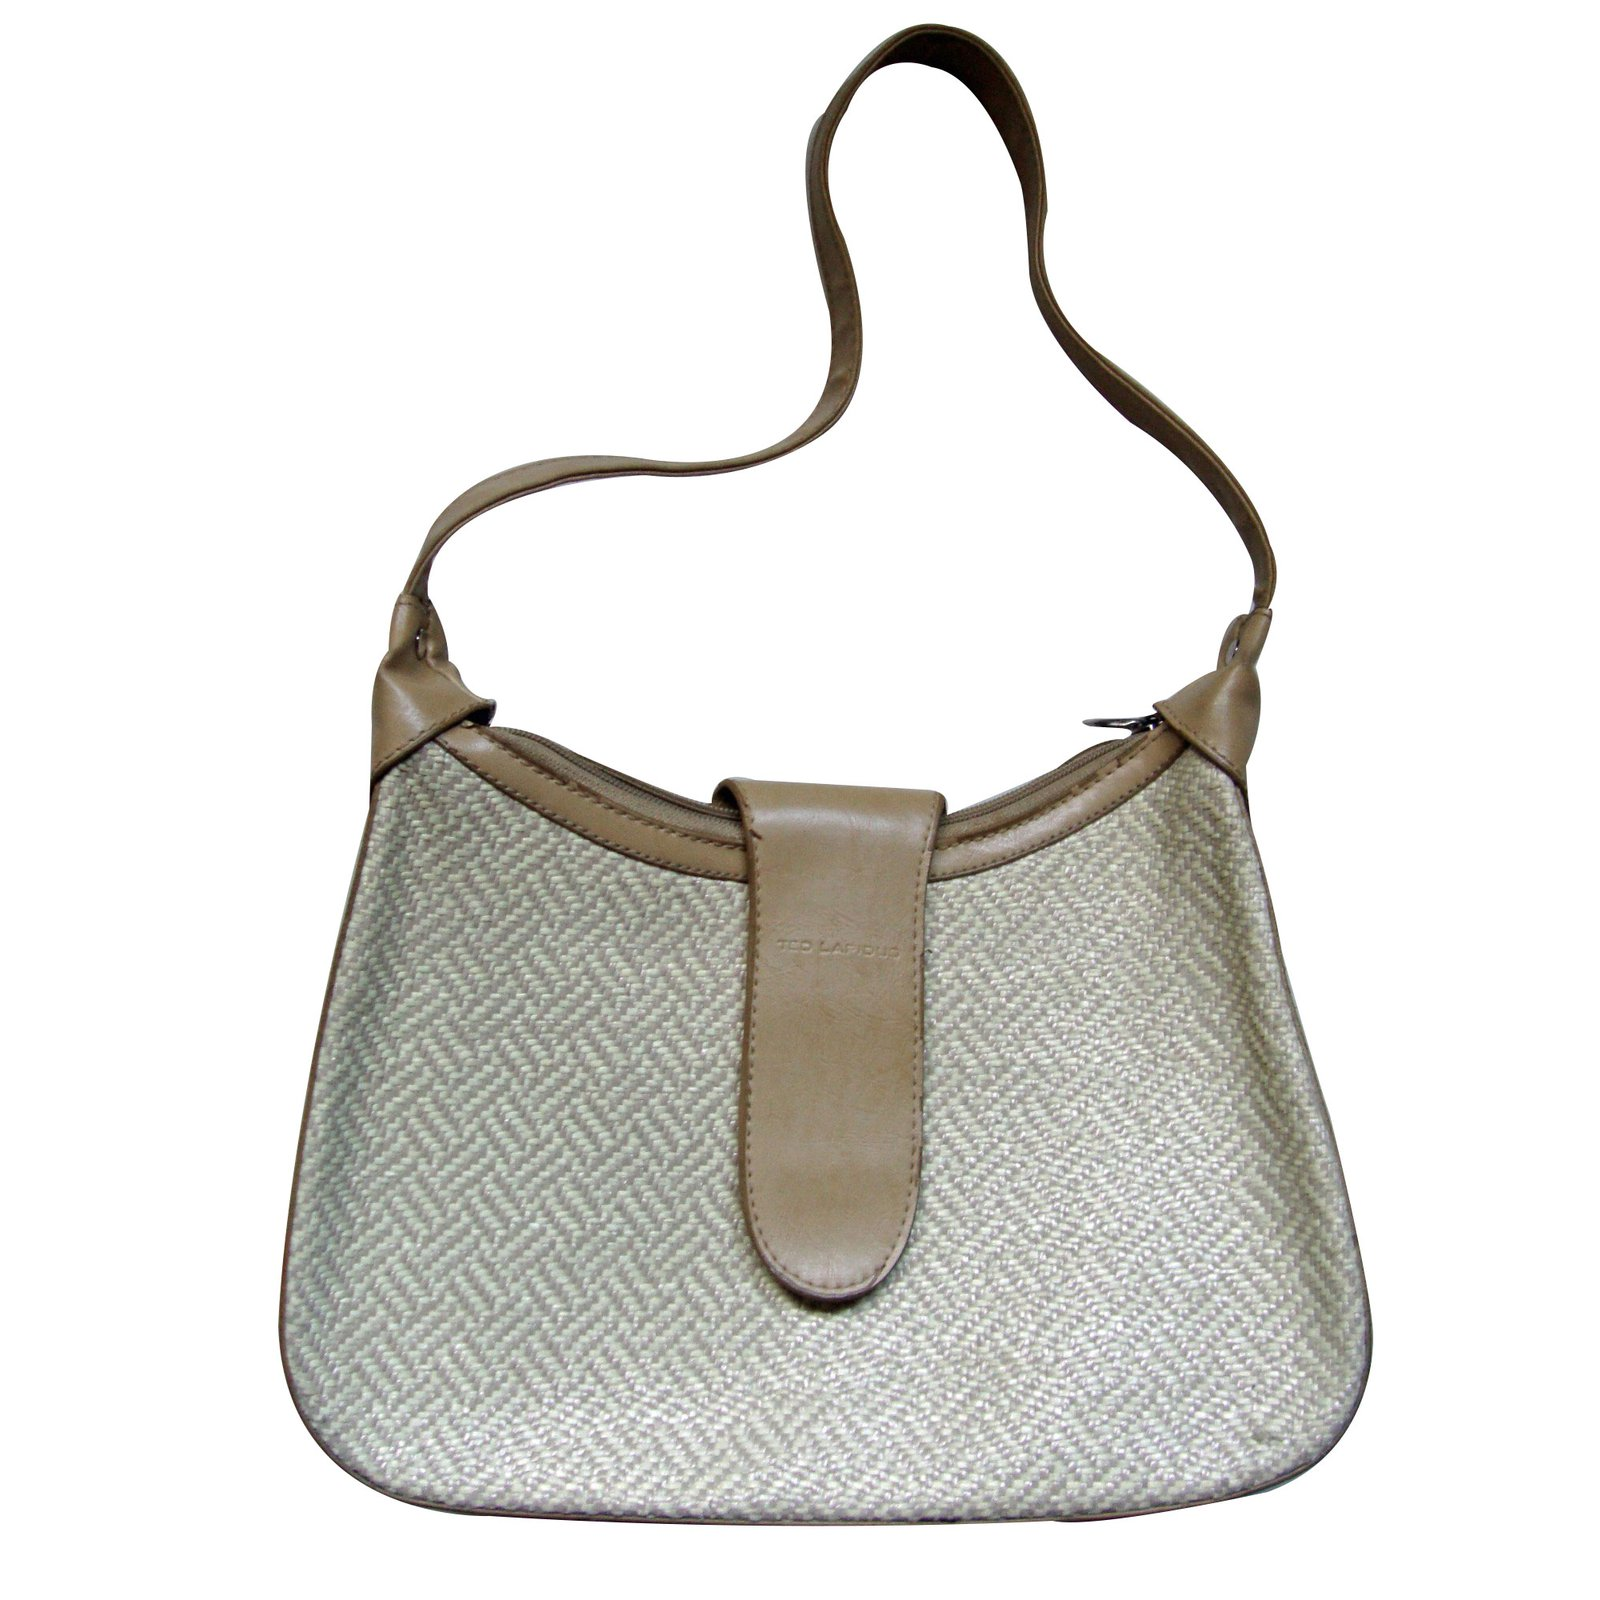 sacs main autre marque vintage ted lapidus cuir beige joli closet. Black Bedroom Furniture Sets. Home Design Ideas